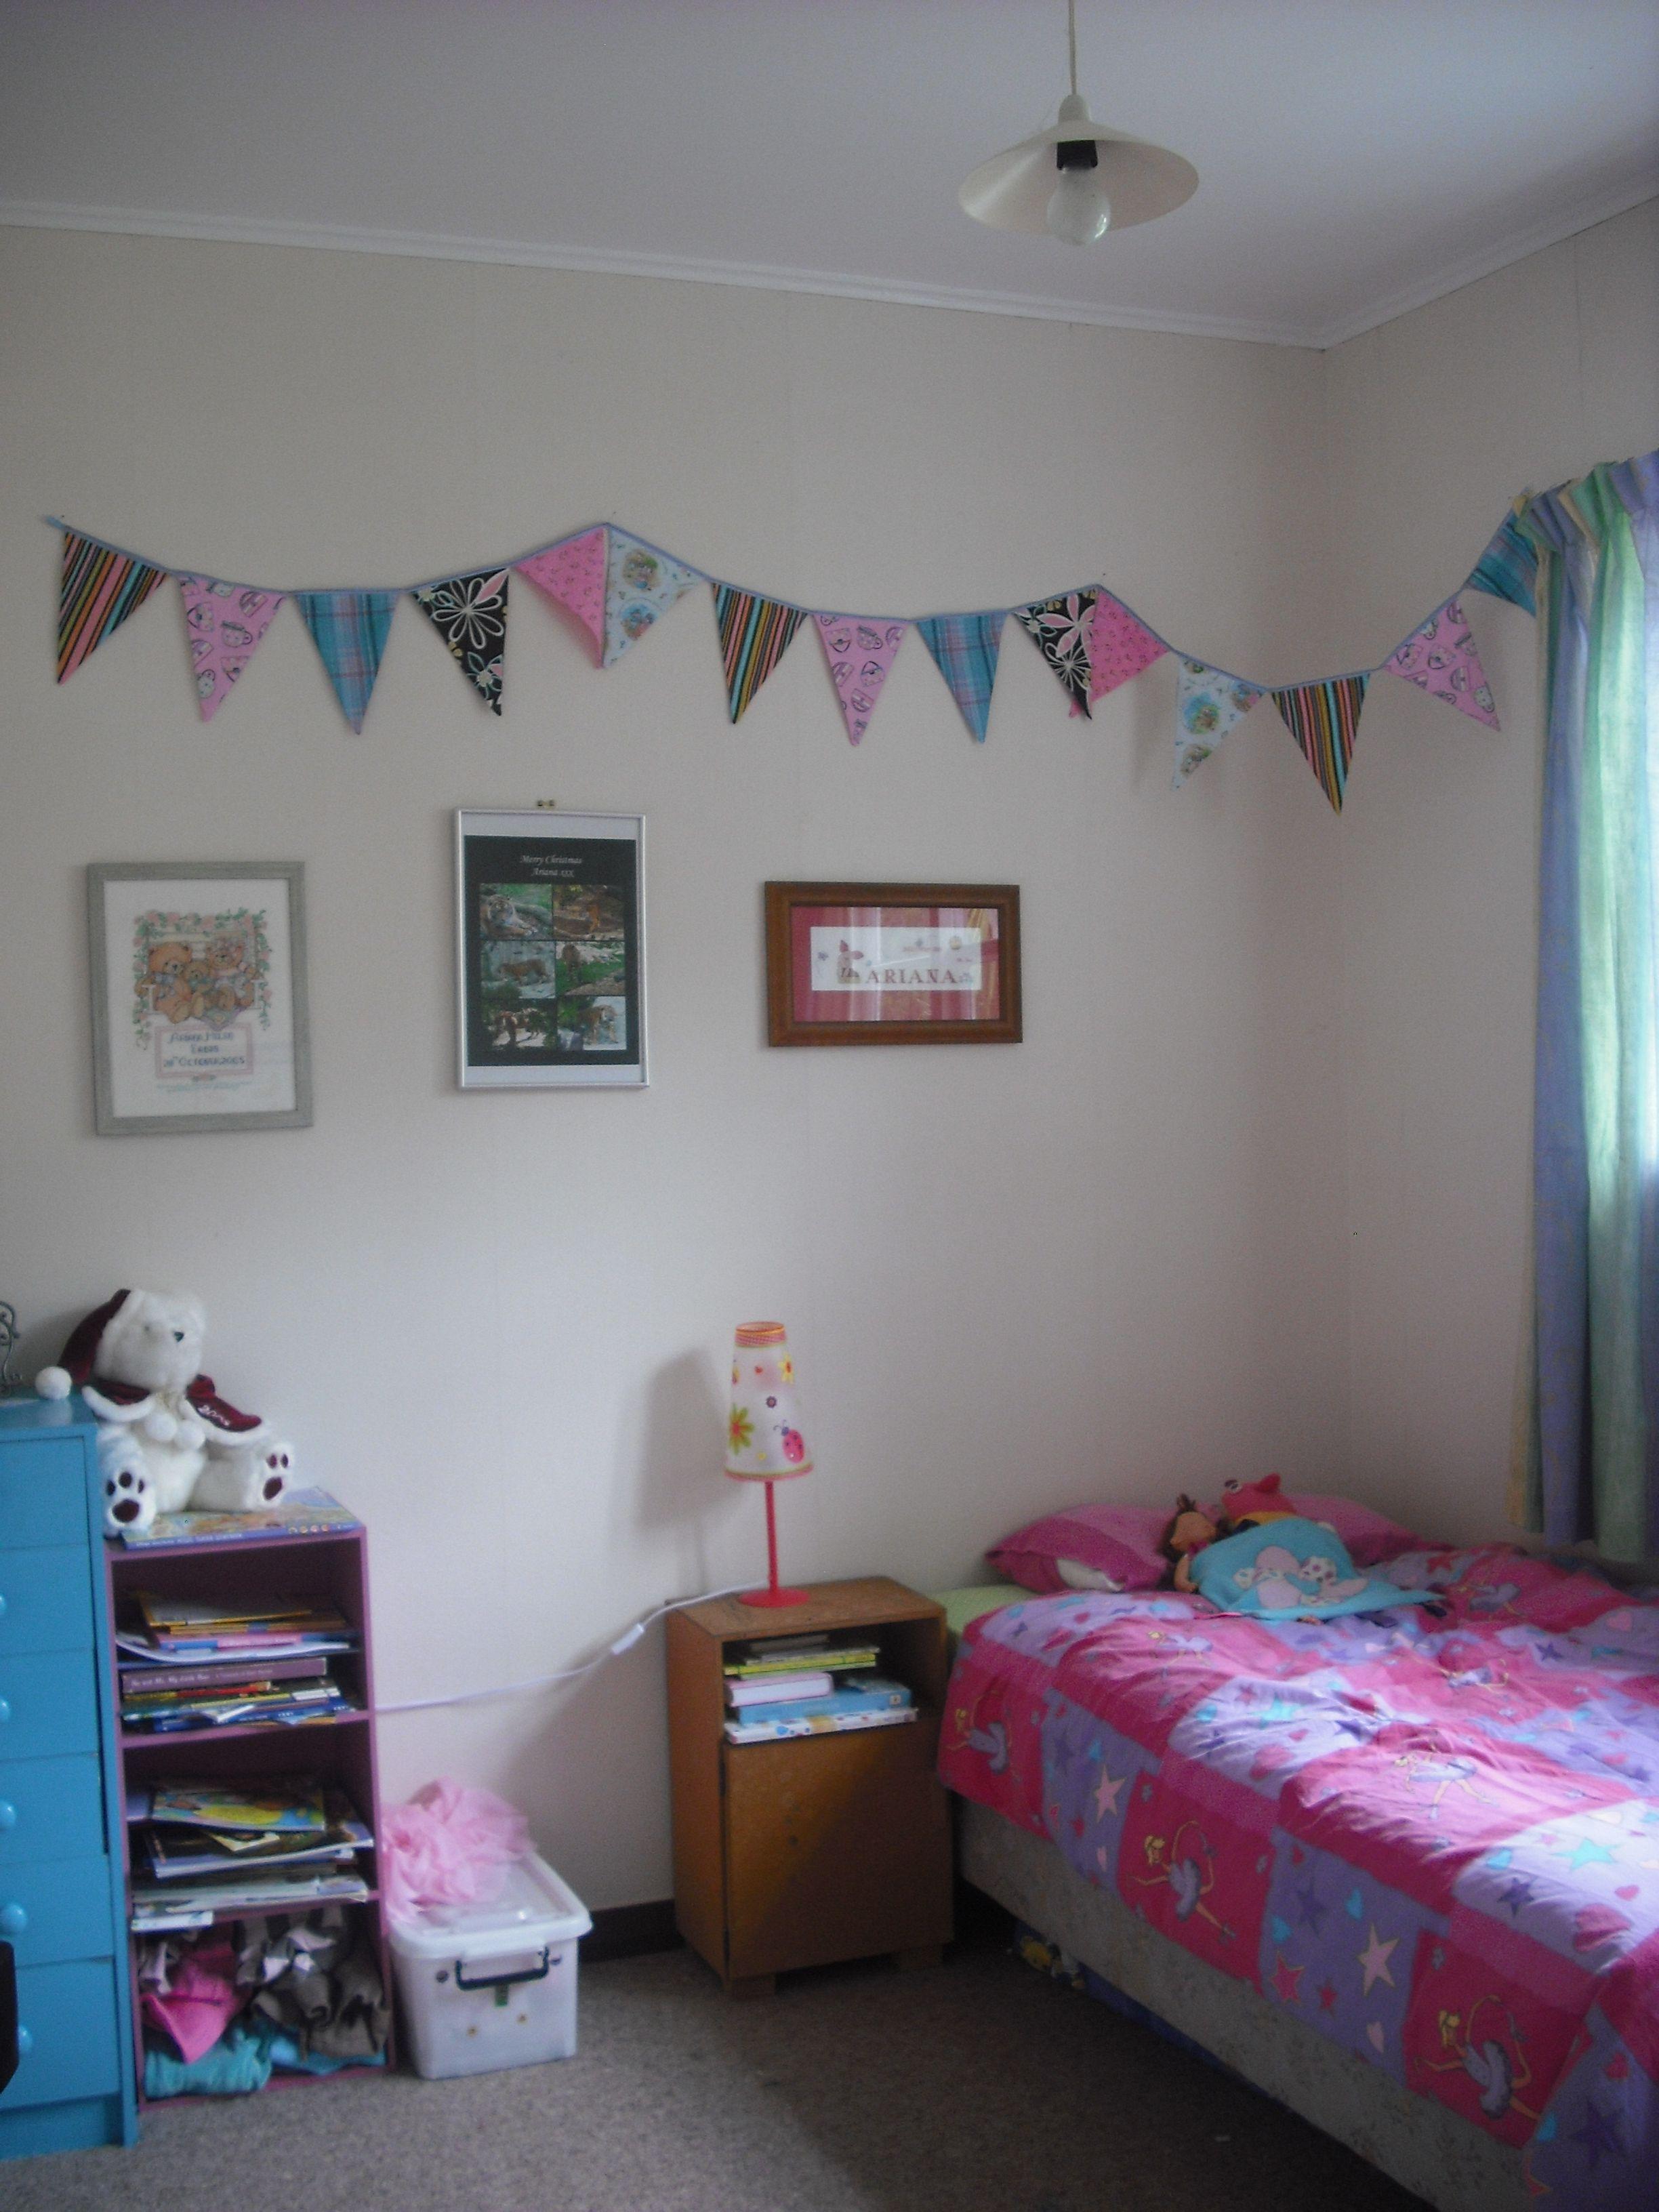 Lavendel Schlafzimmer Wande Mit Bildern Kinder Schlafzimmer Farbe Schlafzimmer Farben Kinderzimmer Deko Selber Machen